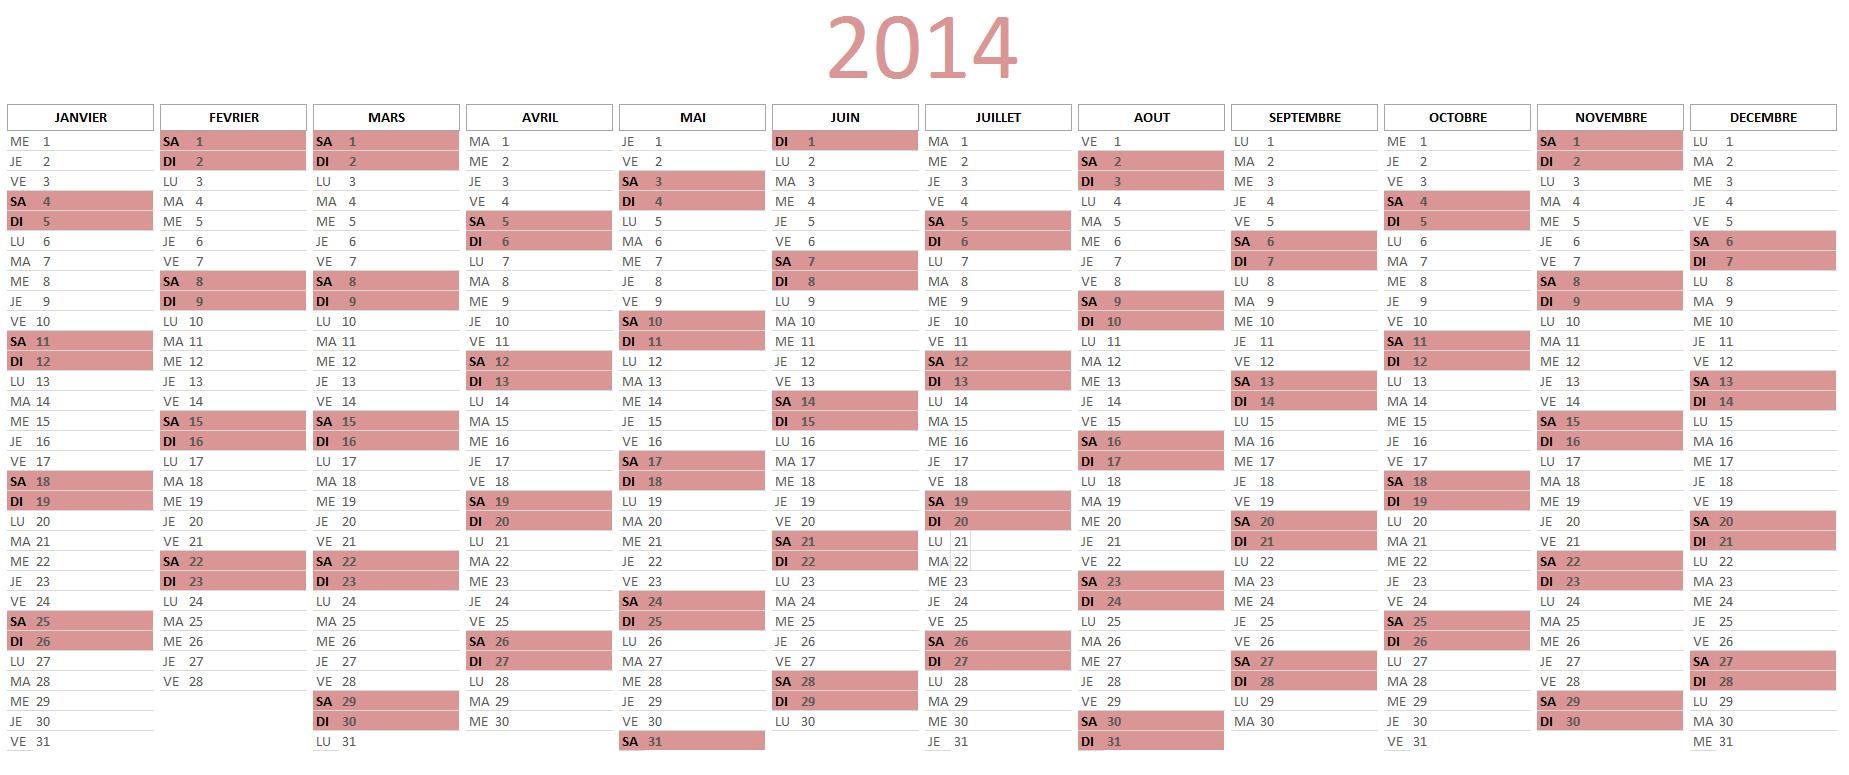 modele planning 2014 excel gratuit